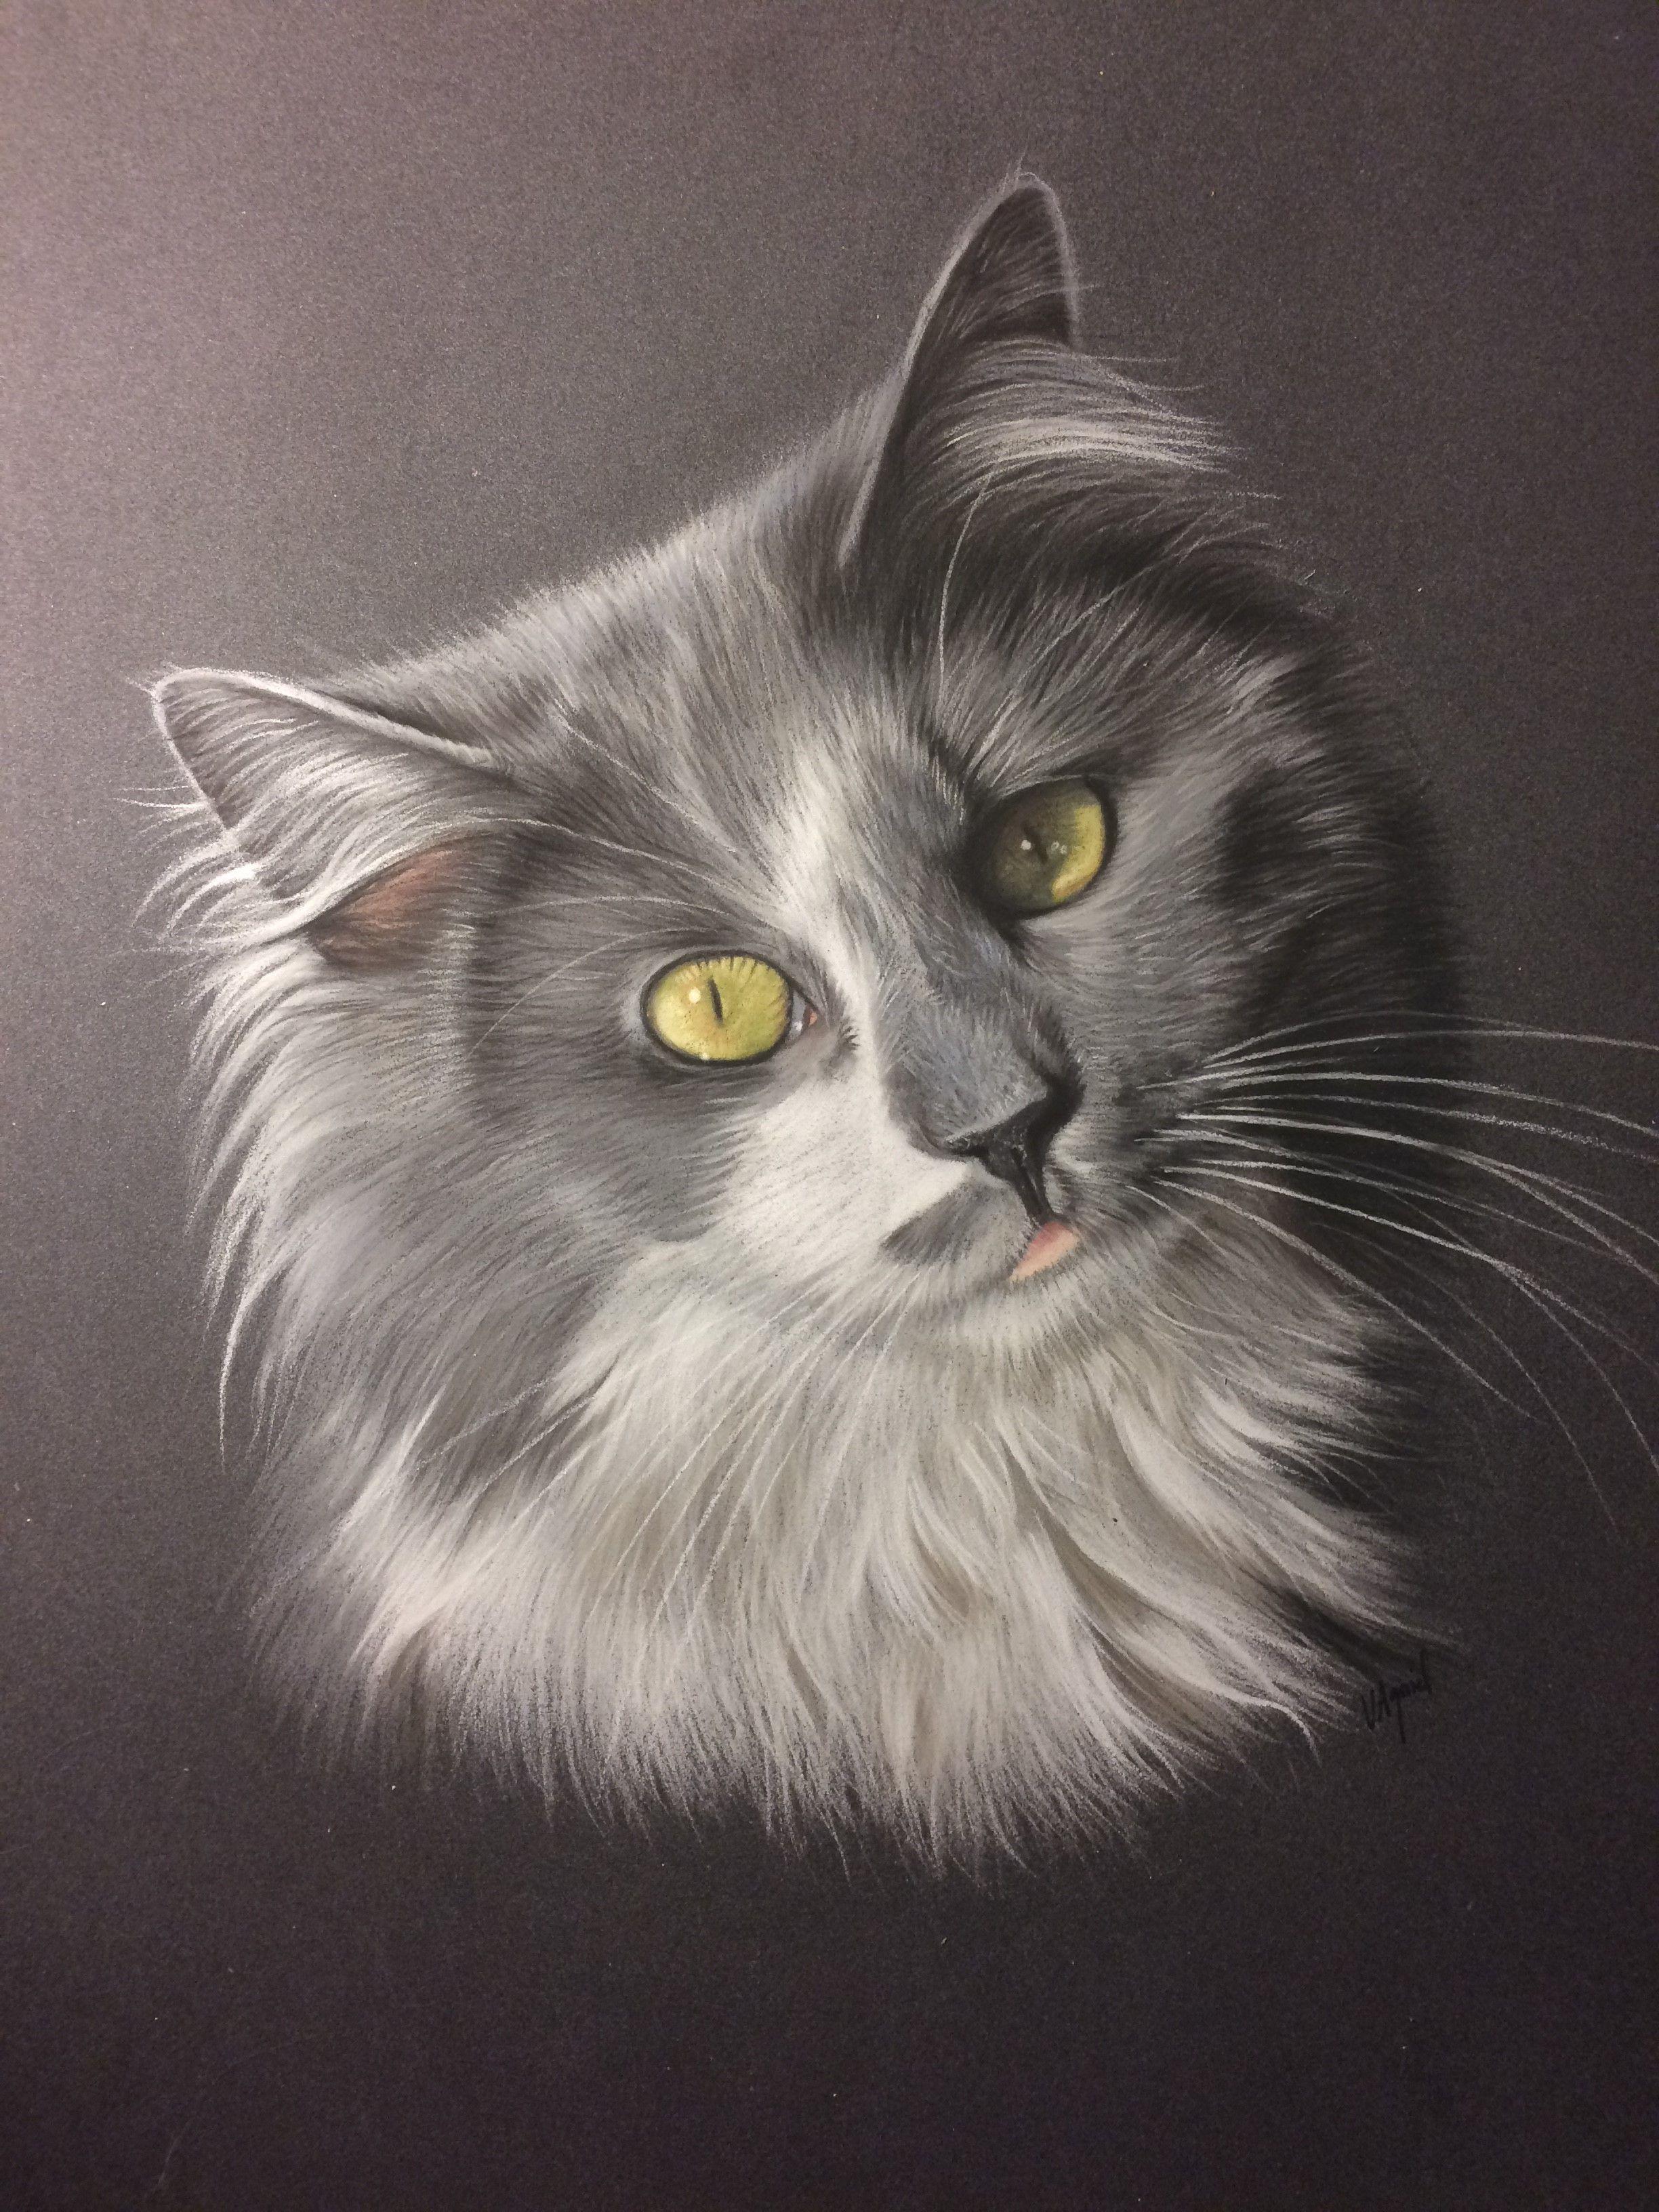 Tableau chat gris portrait 3 59c3f7c7b9a24498569cd557a4de23af